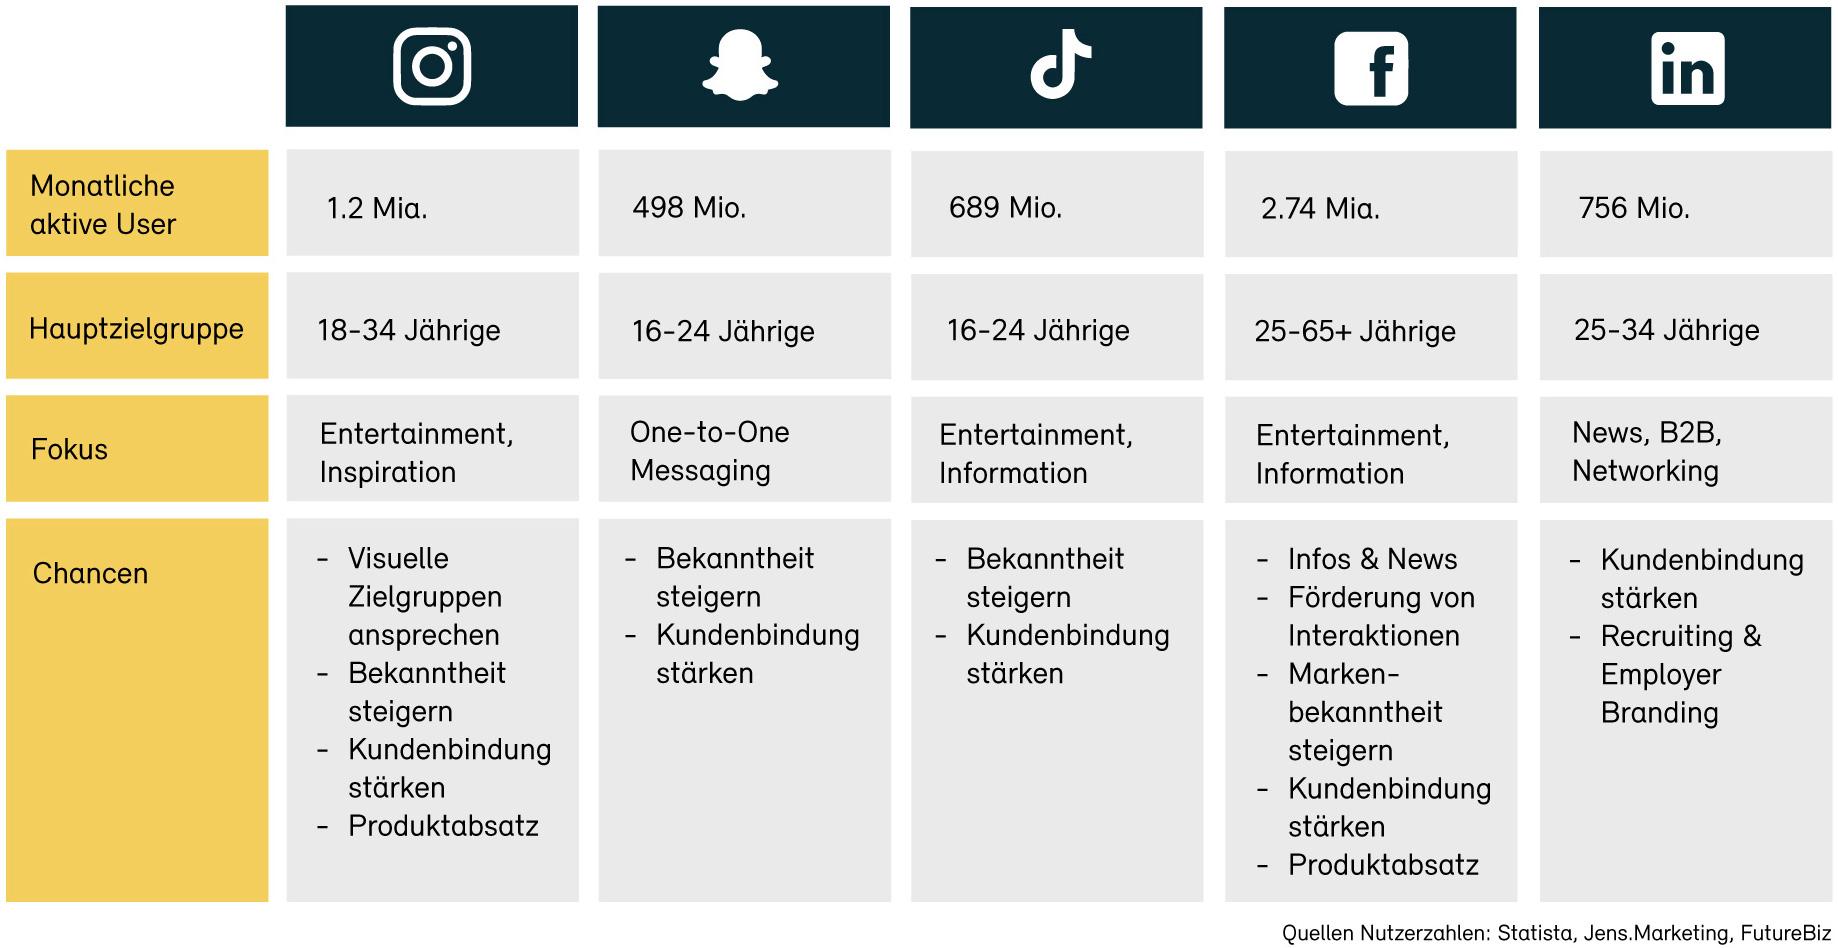 Übersicht wichtigste Social Media Plattformen